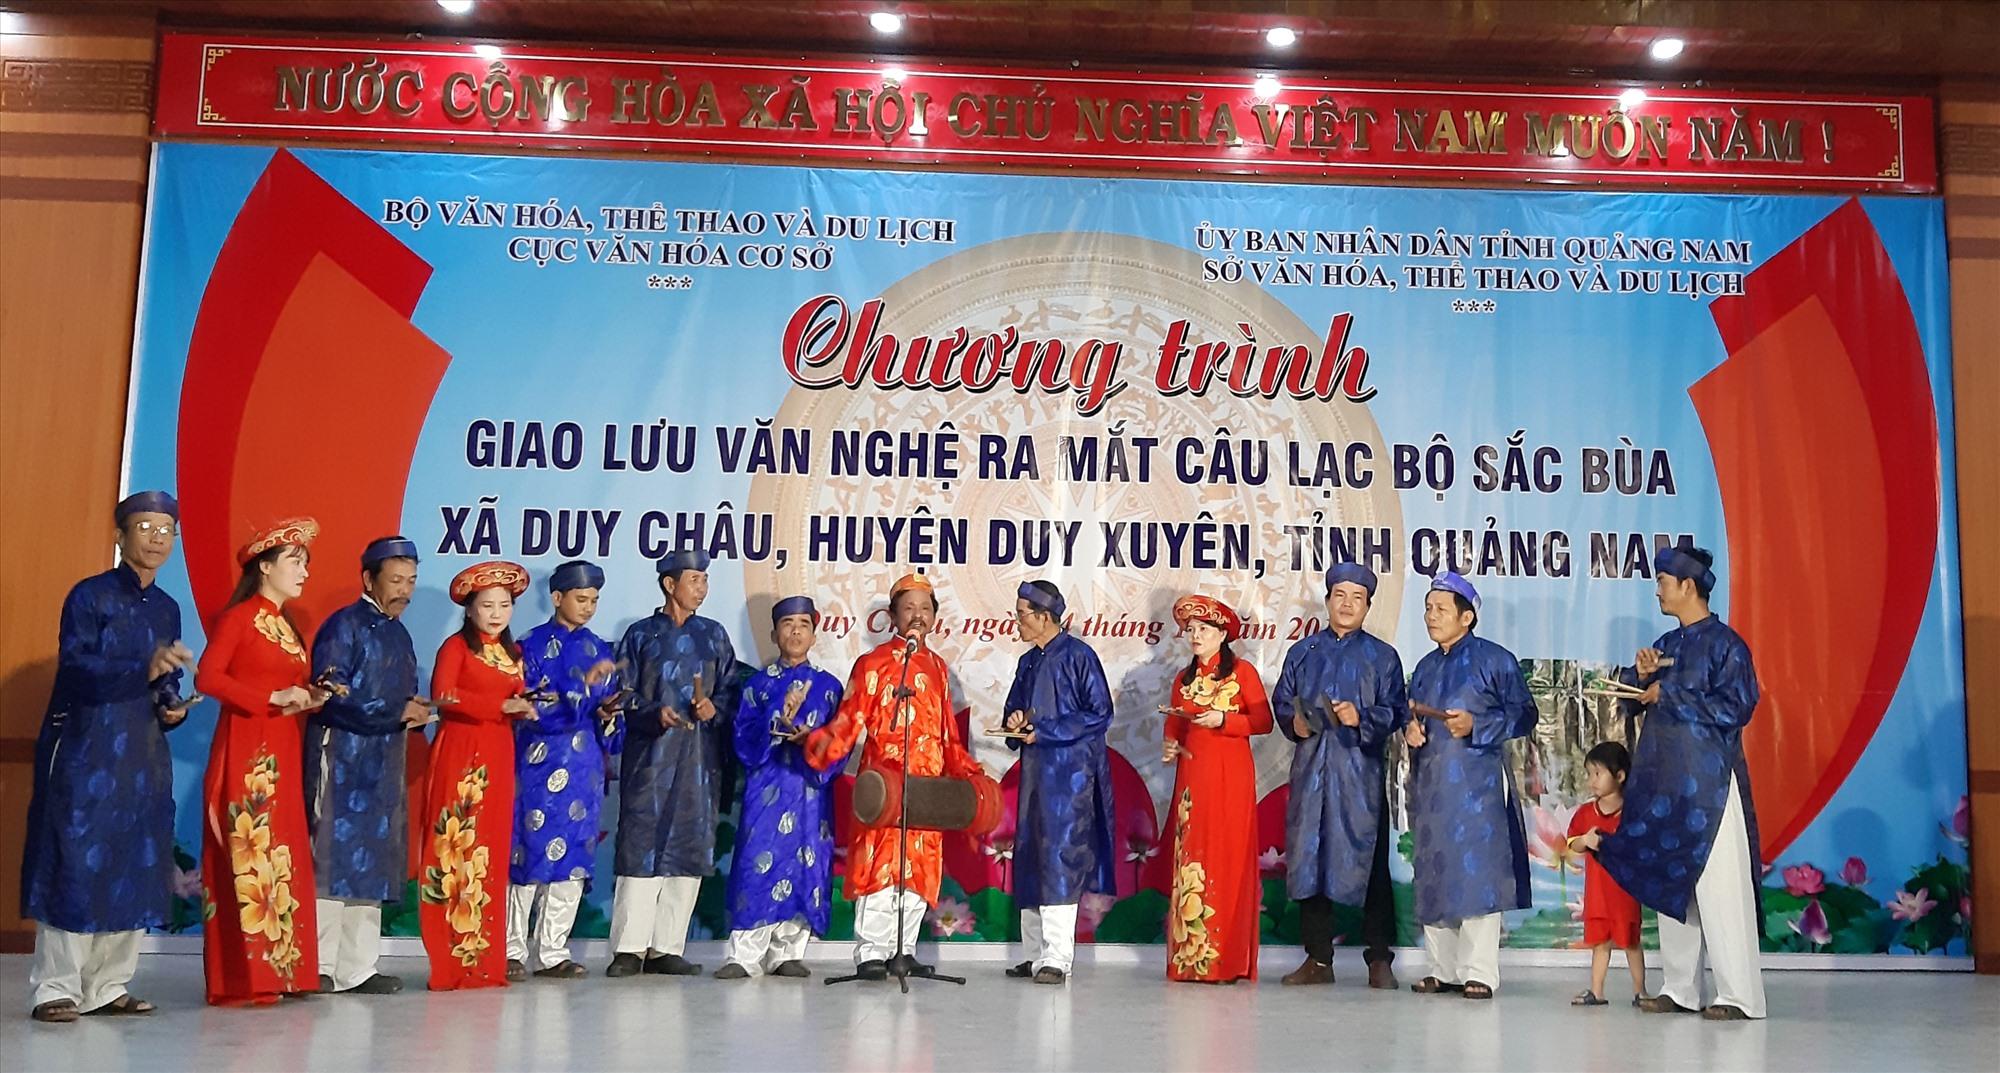 Xã Duy Châu nỗ lực gìn giữ, phát huy giá trị nghệ thuật văn hóa truyền thống. Ảnh: T.P